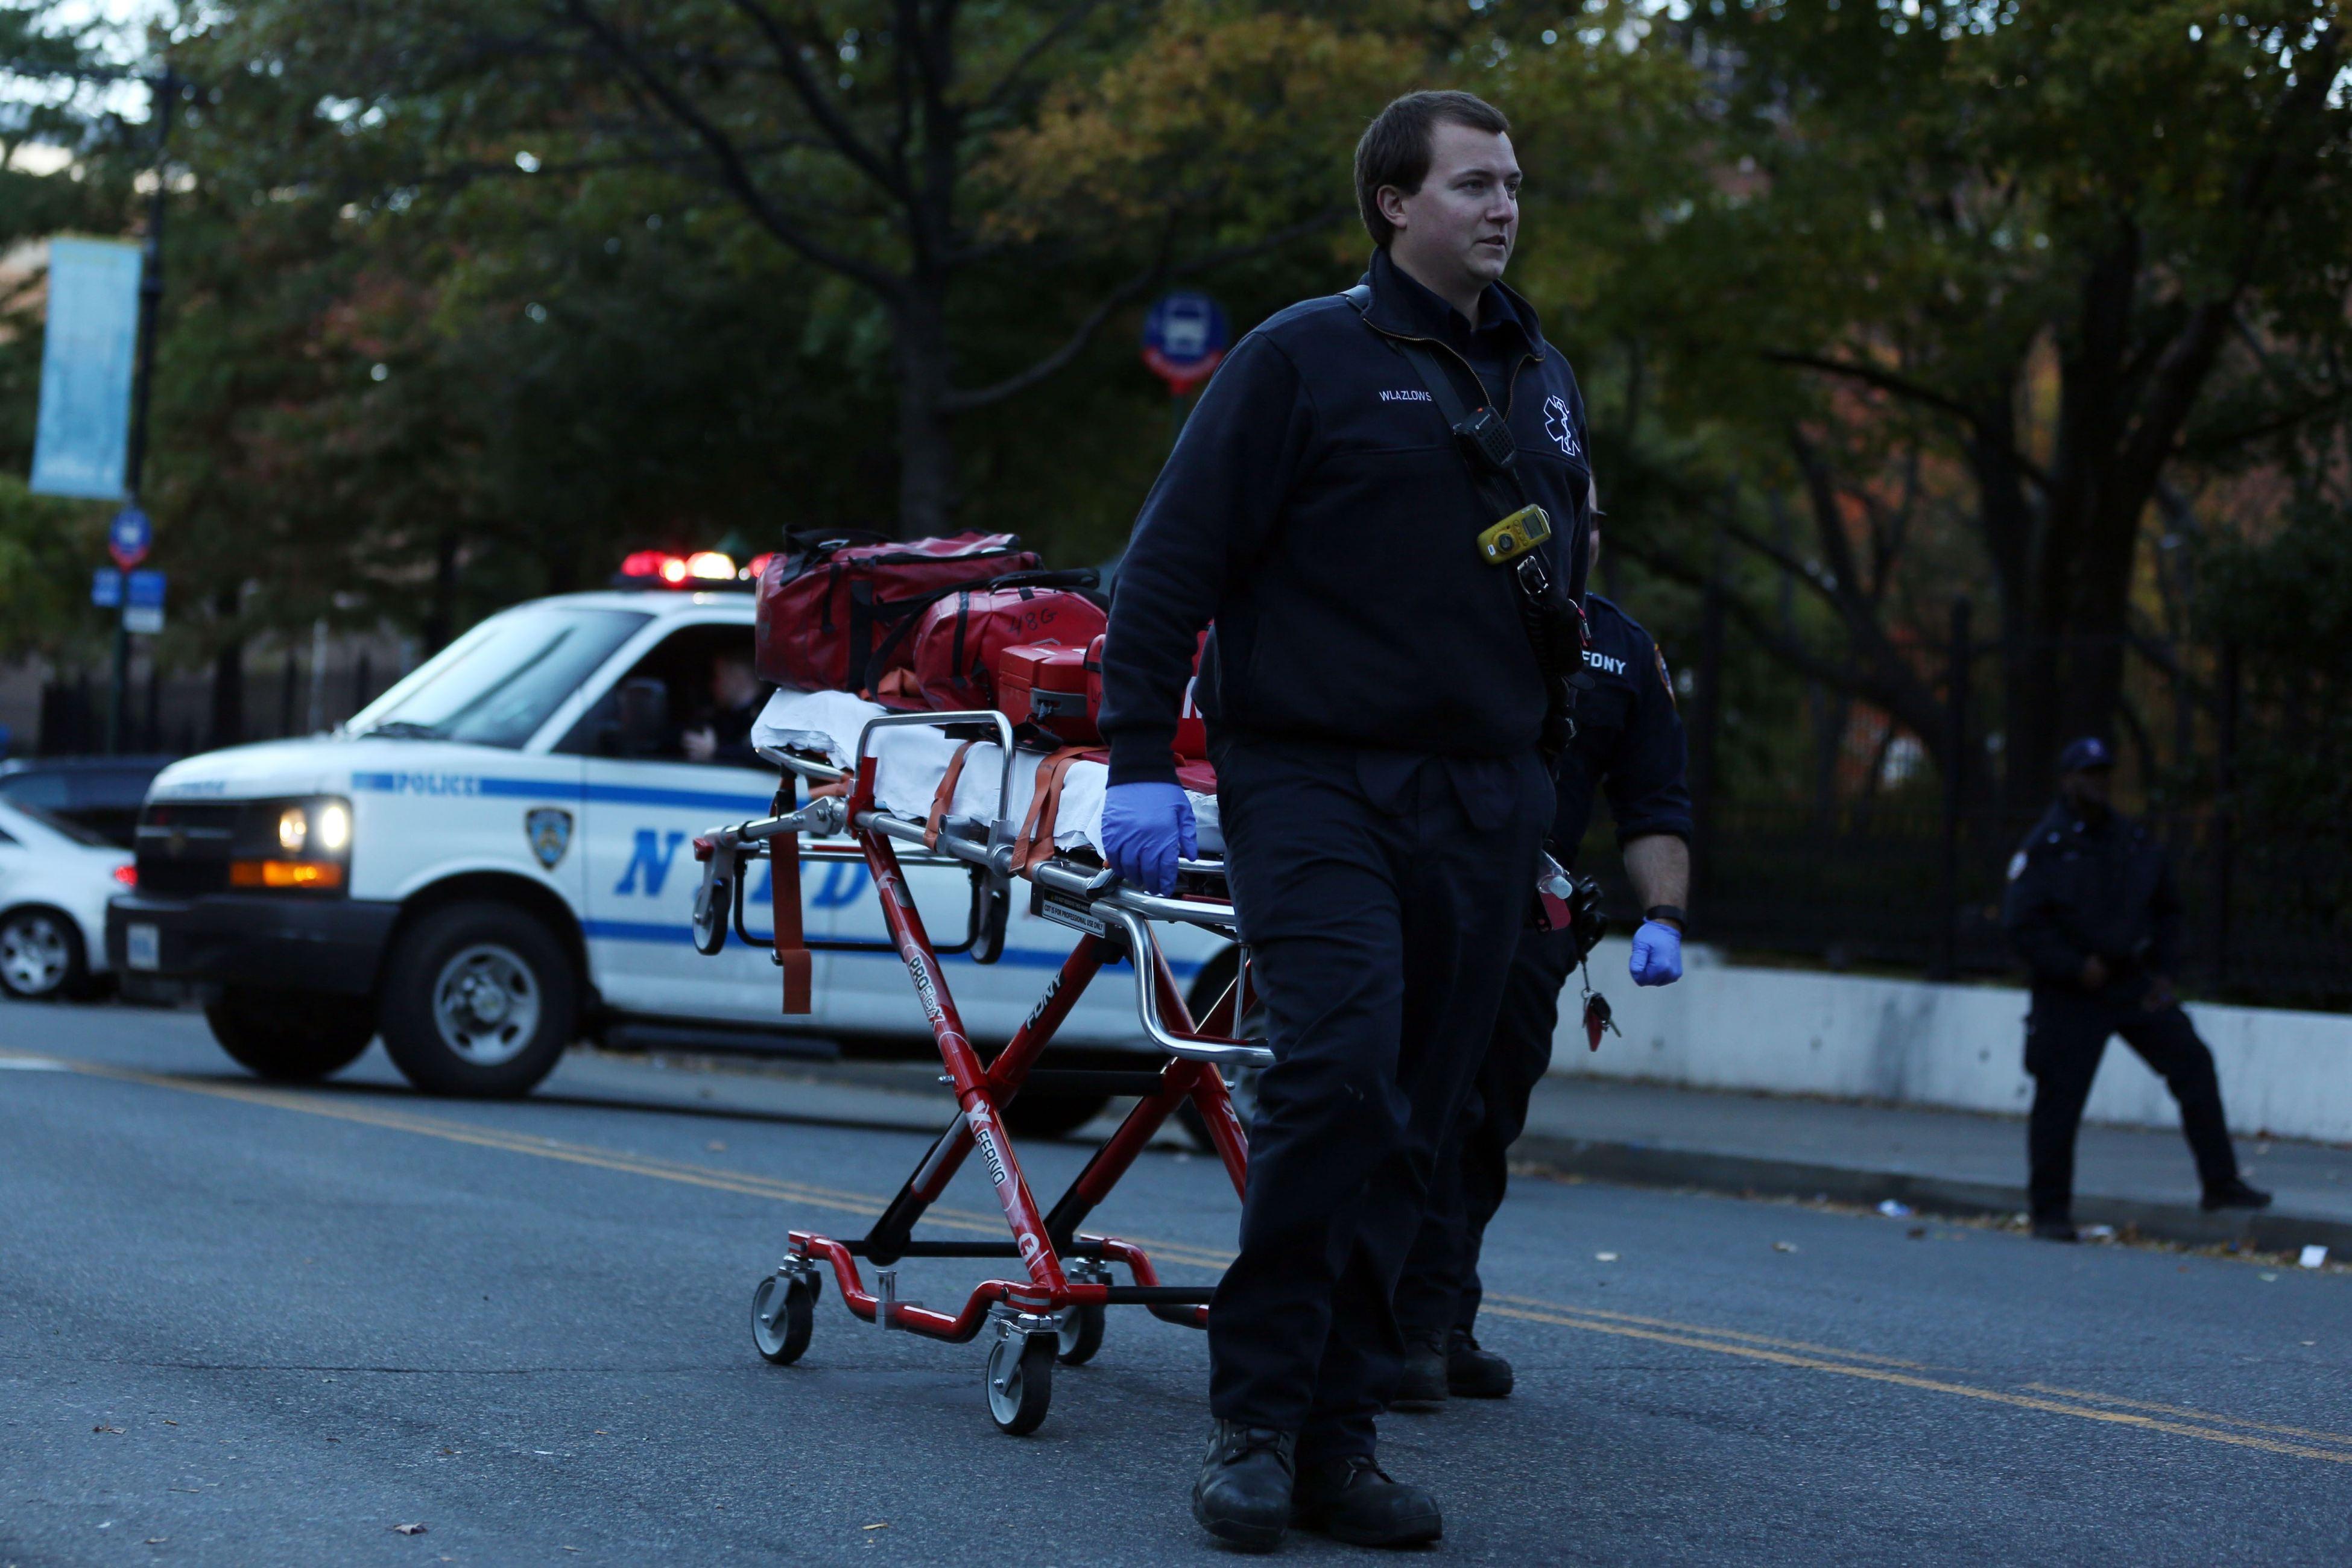 Israelul condamnă atentatul de la New York şi exprimă solidaritate cu Statele Unite/ Rusia transmite condoleanţe